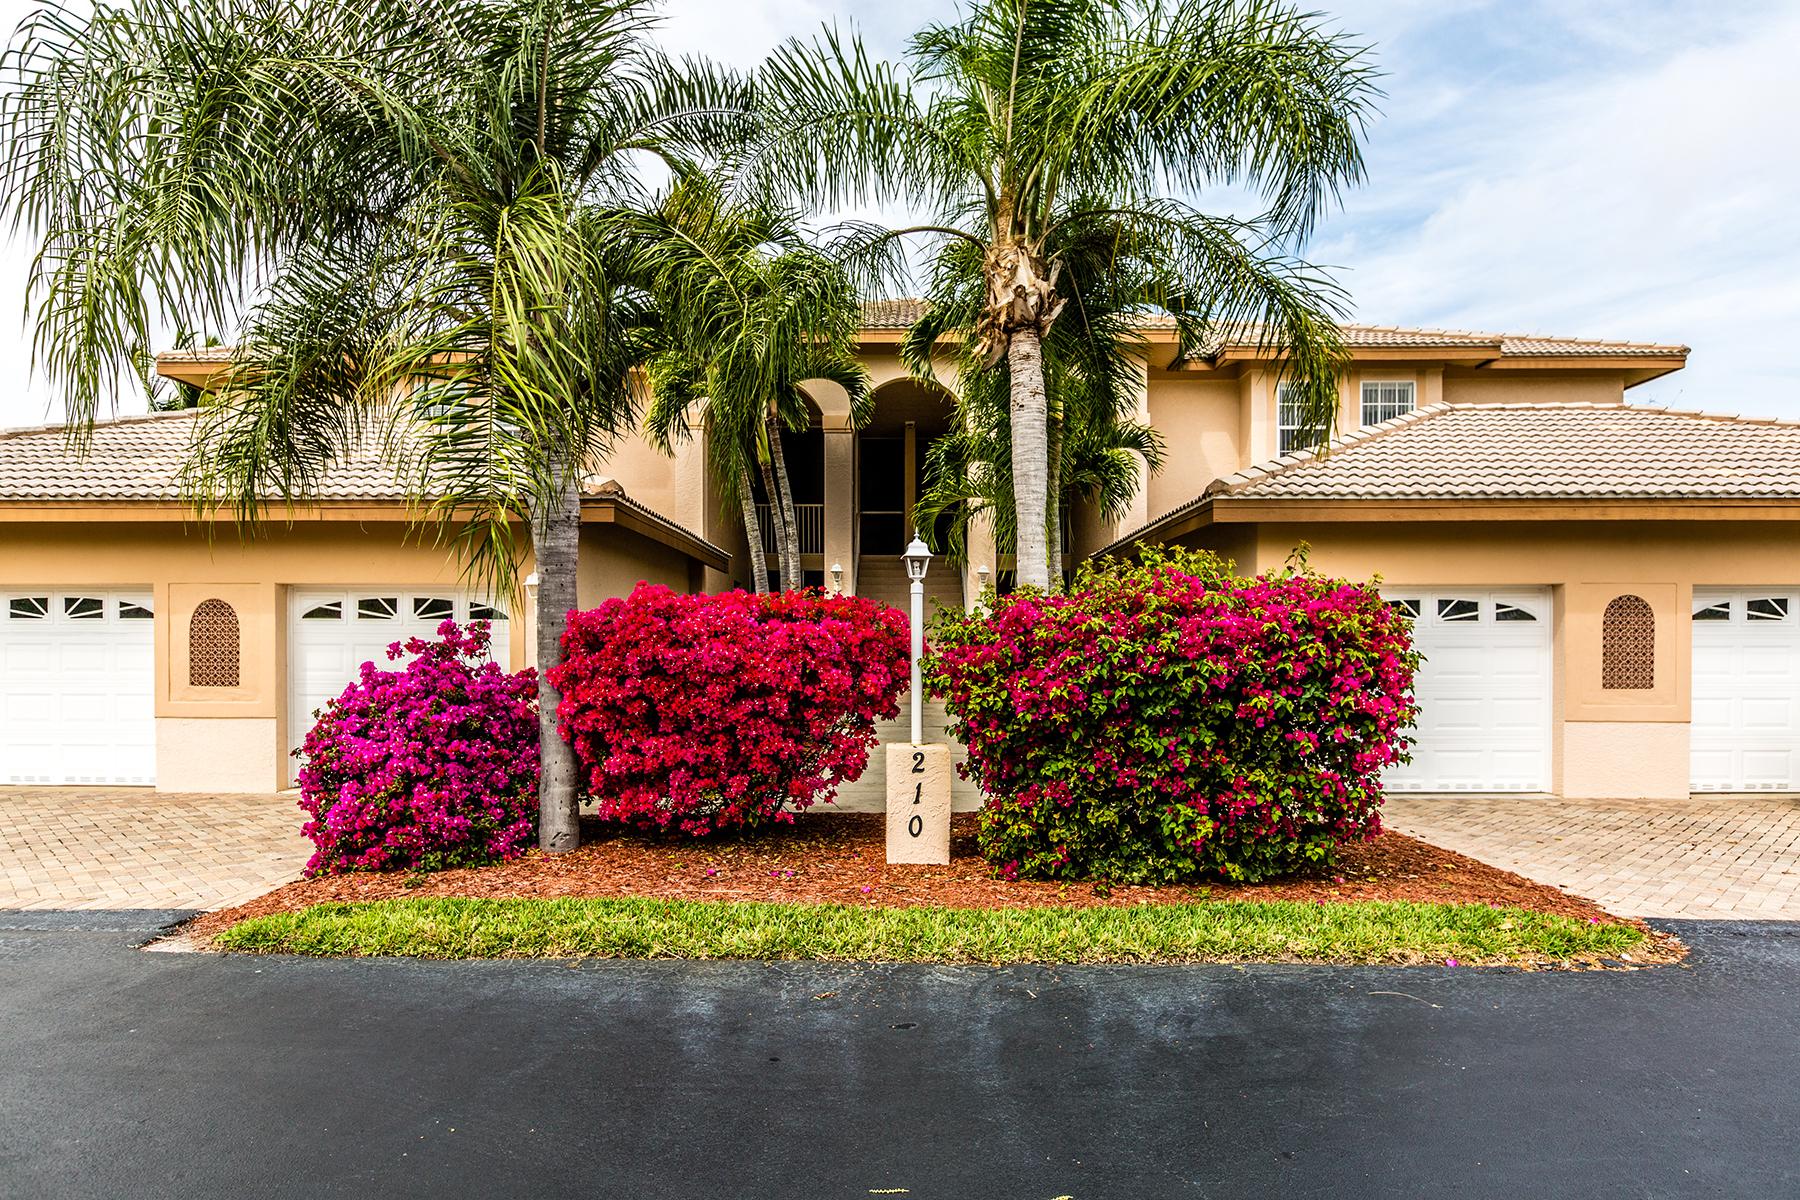 Eigentumswohnung für Verkauf beim MARCO ISLAND 210 Waterway Ct 2-202 Marco Island, Florida, 34145 Vereinigte Staaten